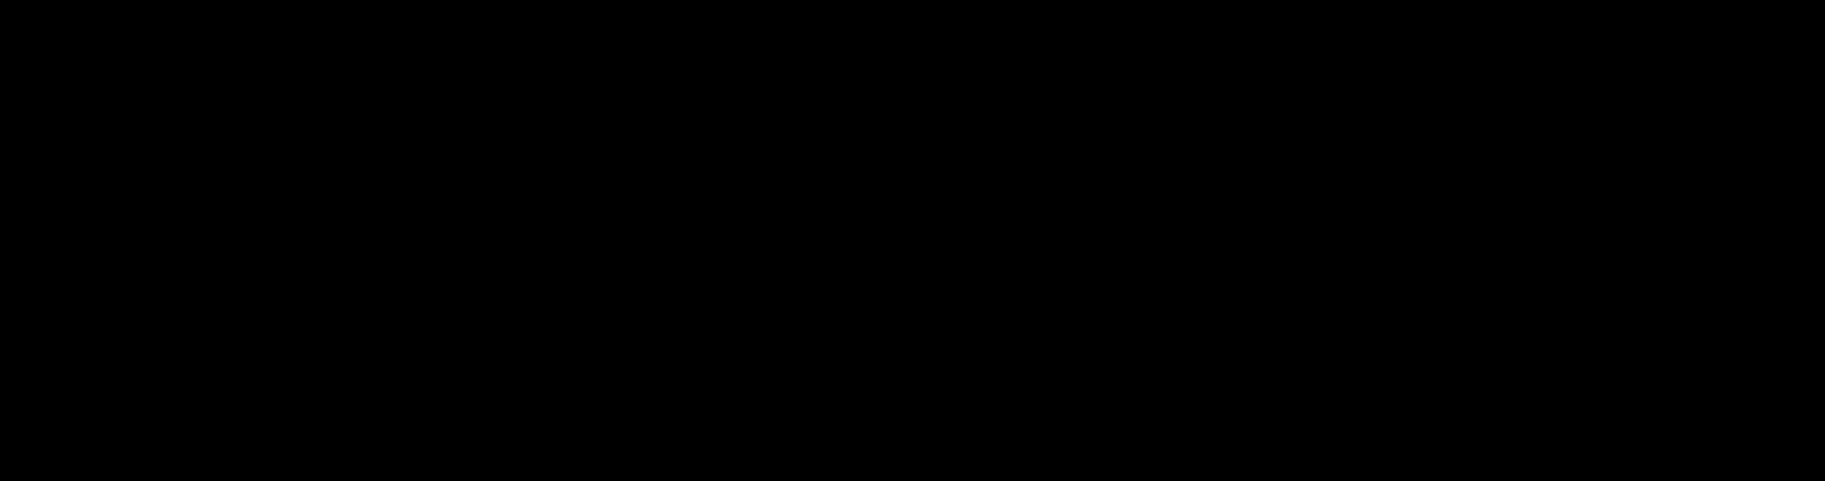 icon Zodiacs